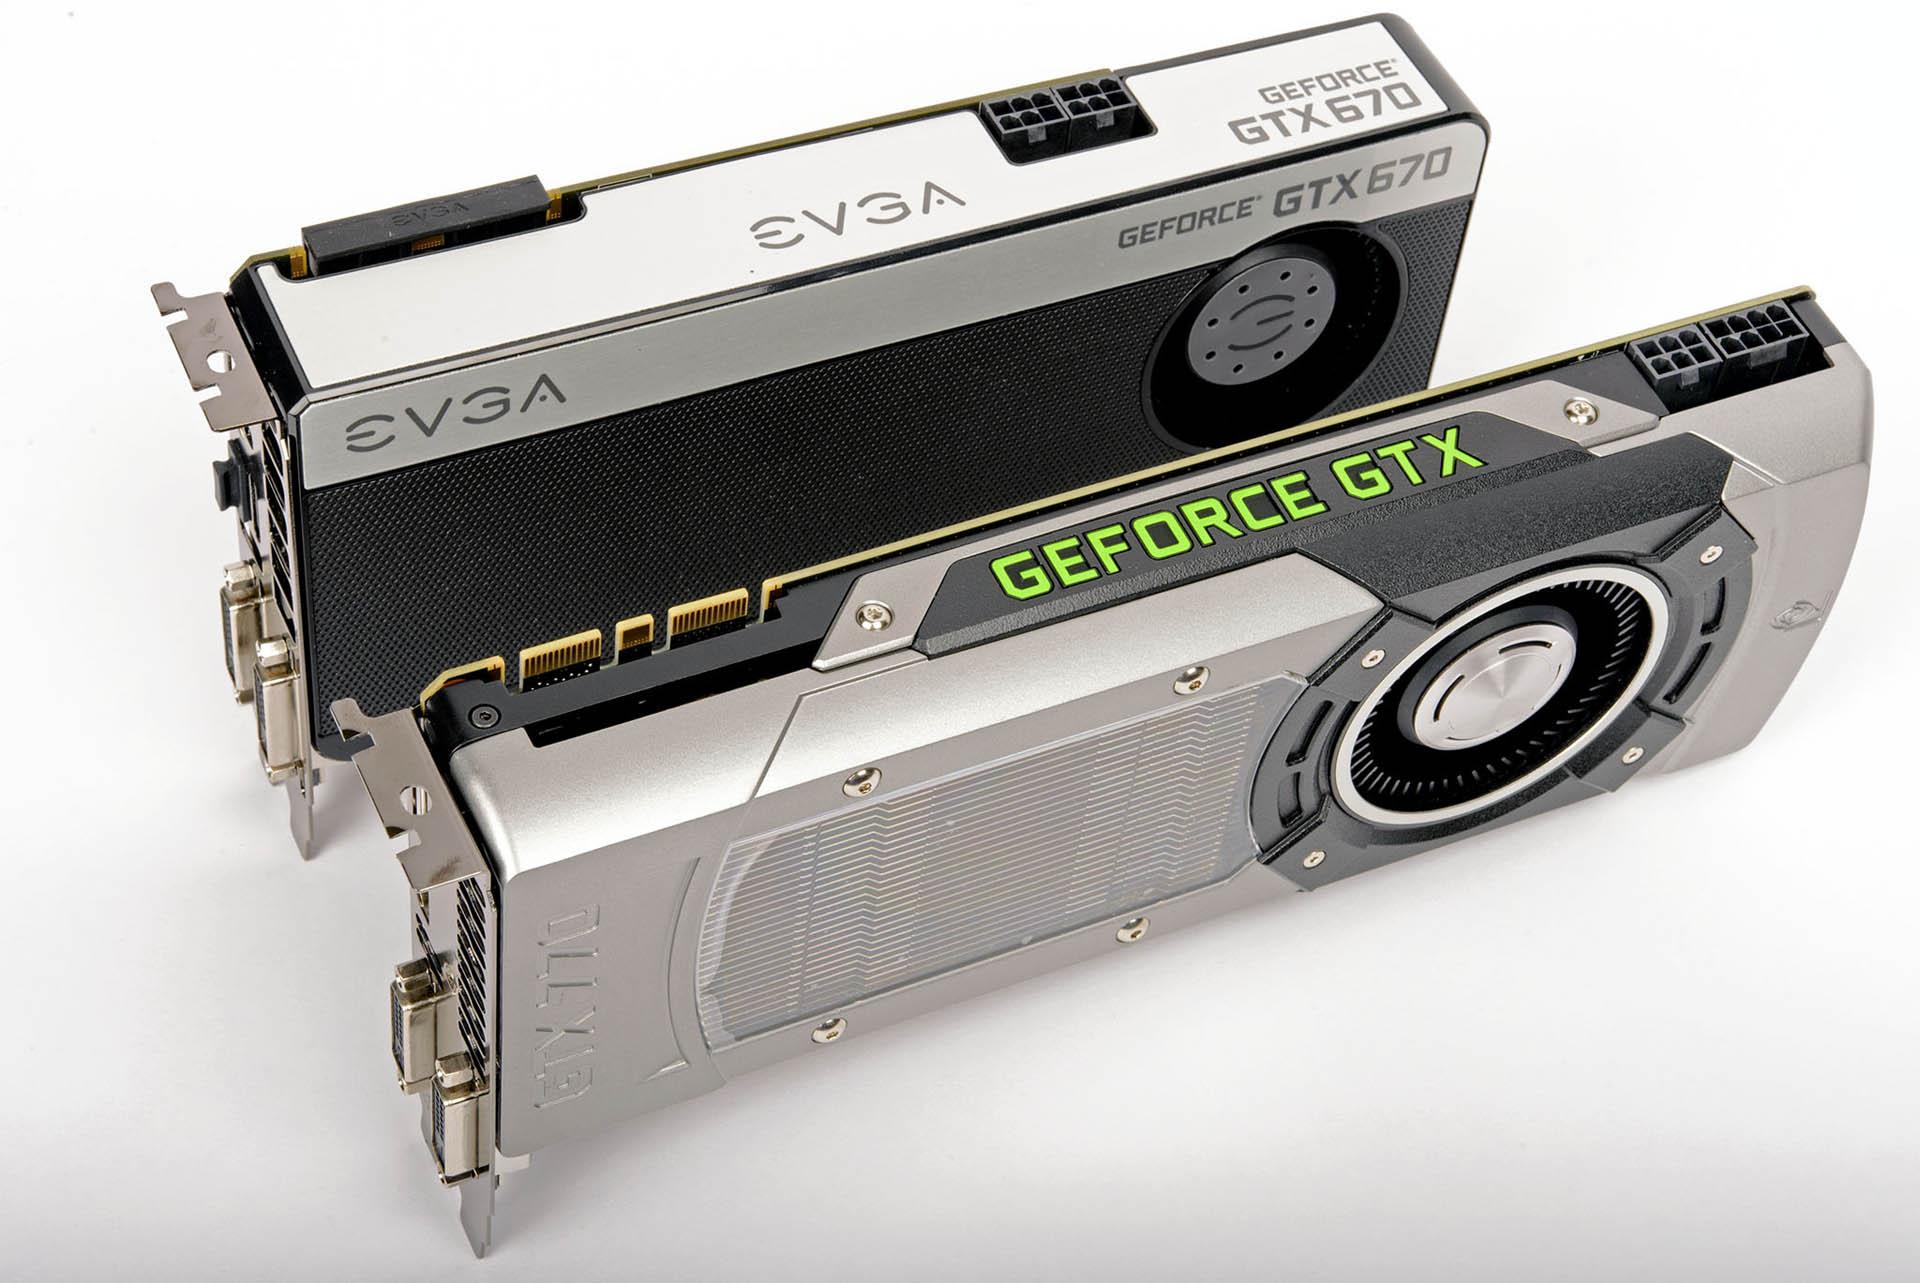 GeForce GTX 770M